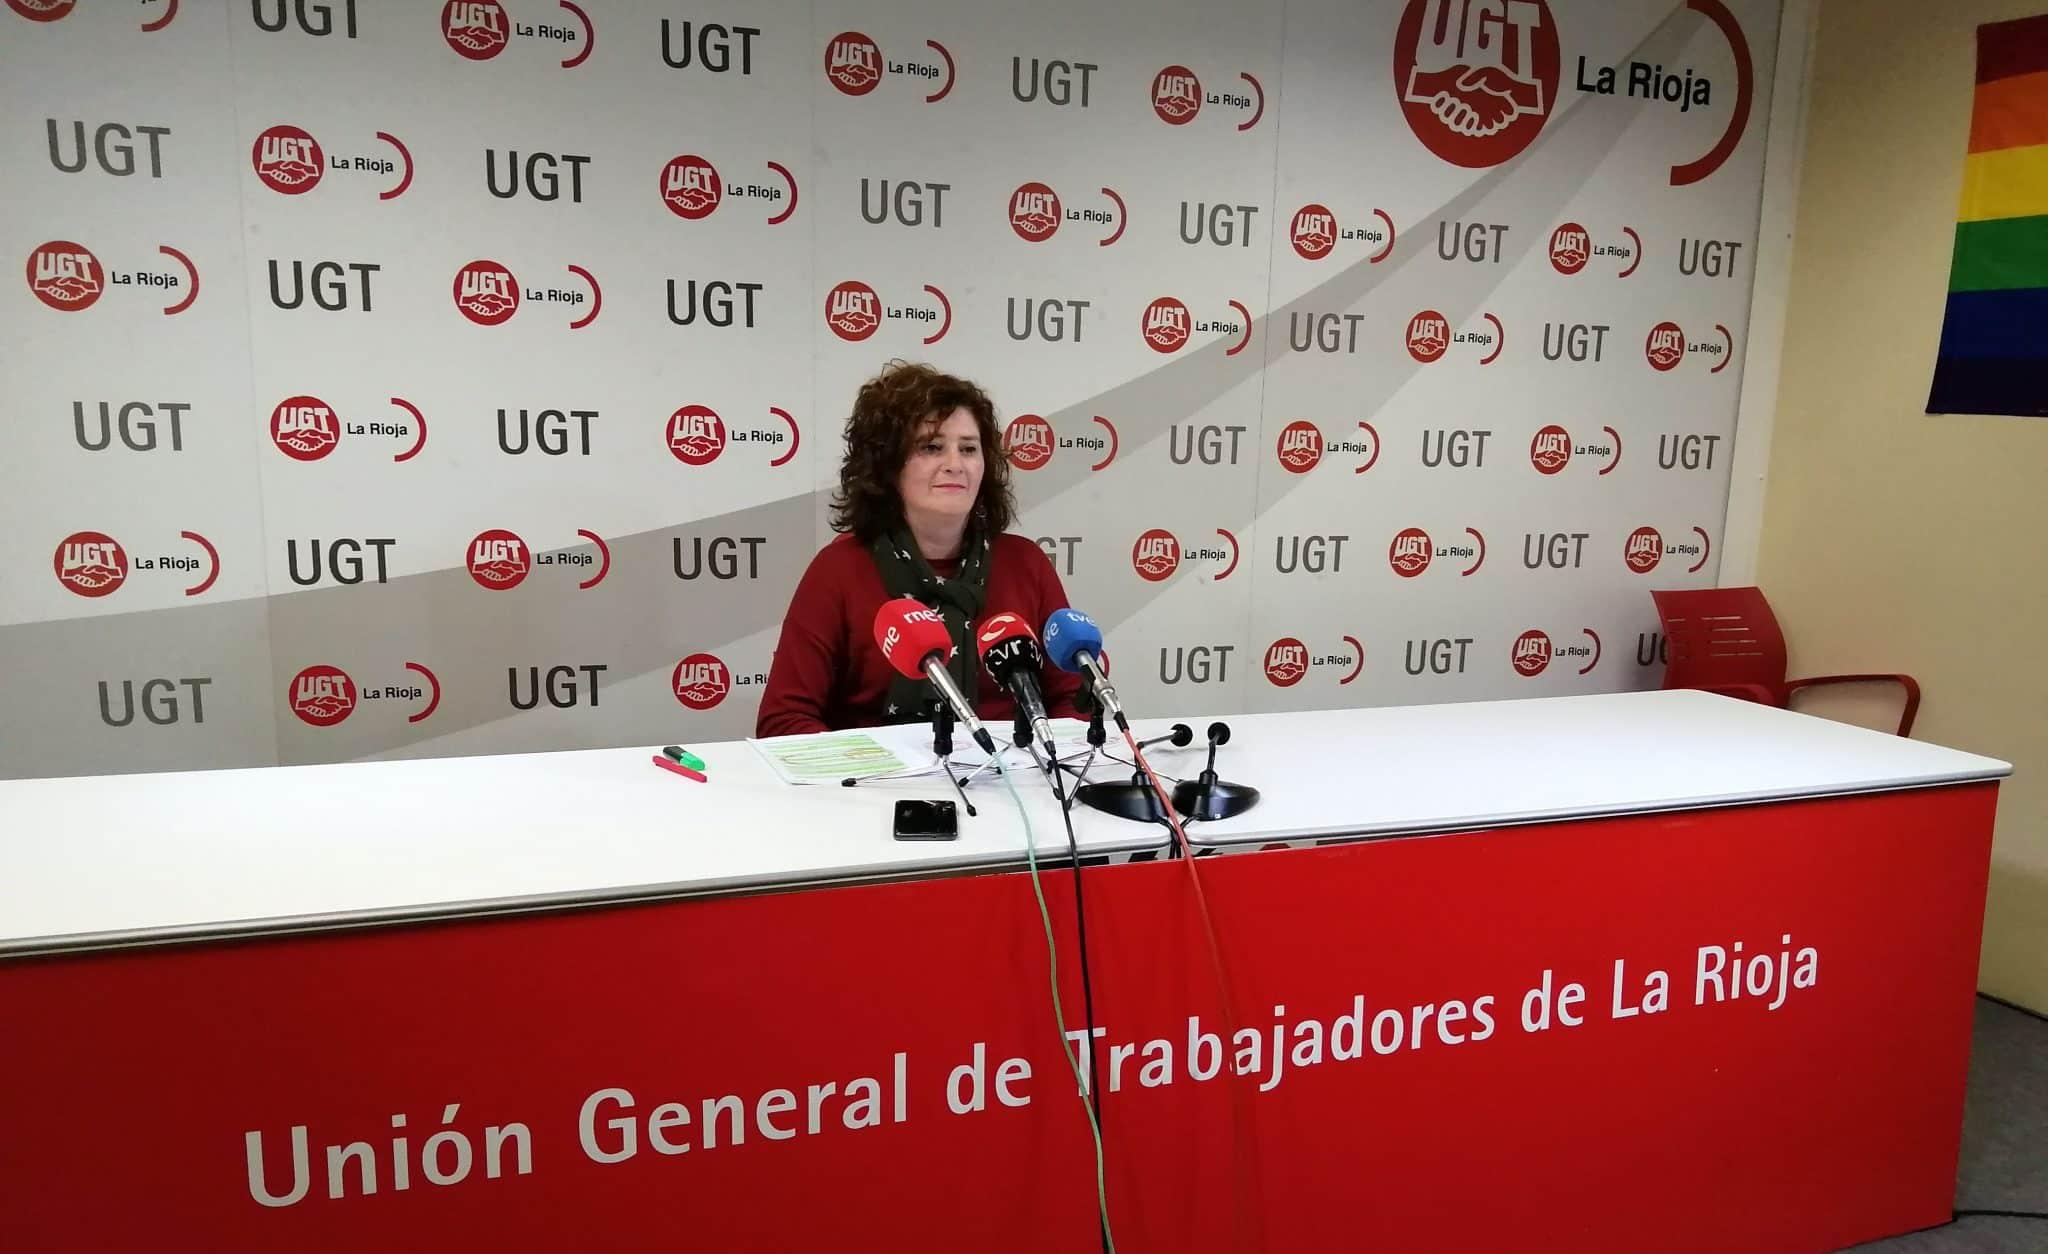 Ana Victoria del Vigo UGT La Rioja